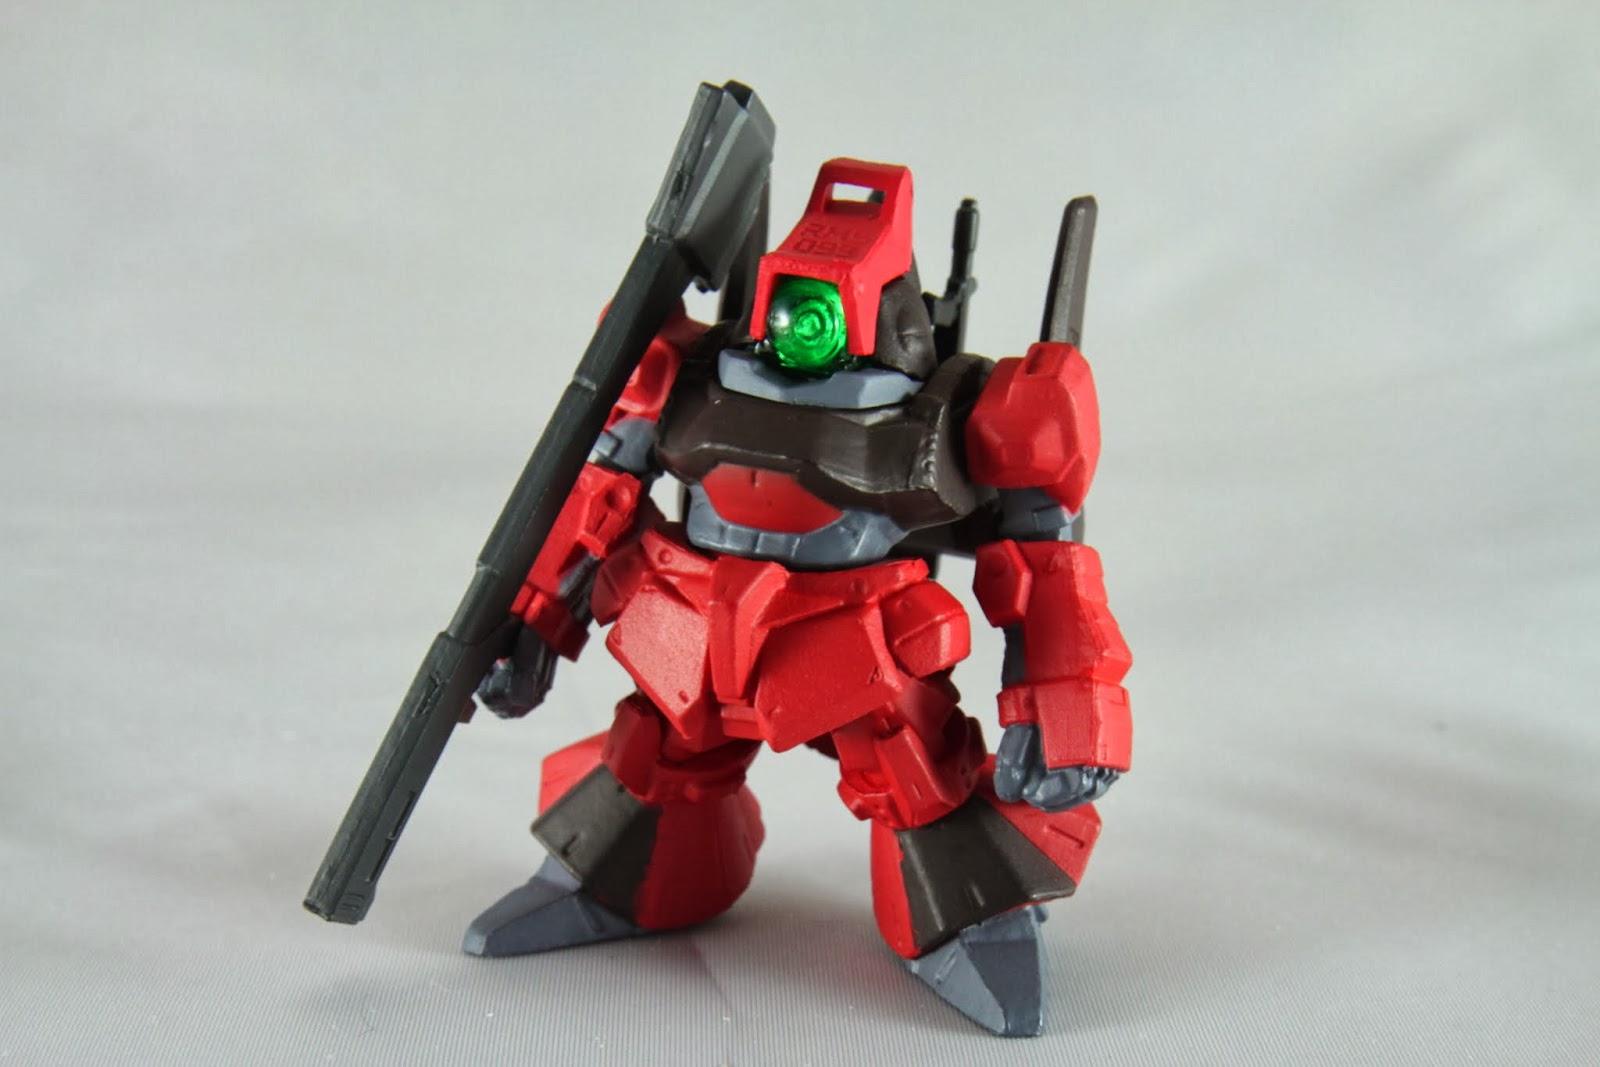 紅色機是克羅多瓦大尉的專用機 克羅多瓦就是夏亞‧阿茲納布爾的假名 所以他用紅色不意外